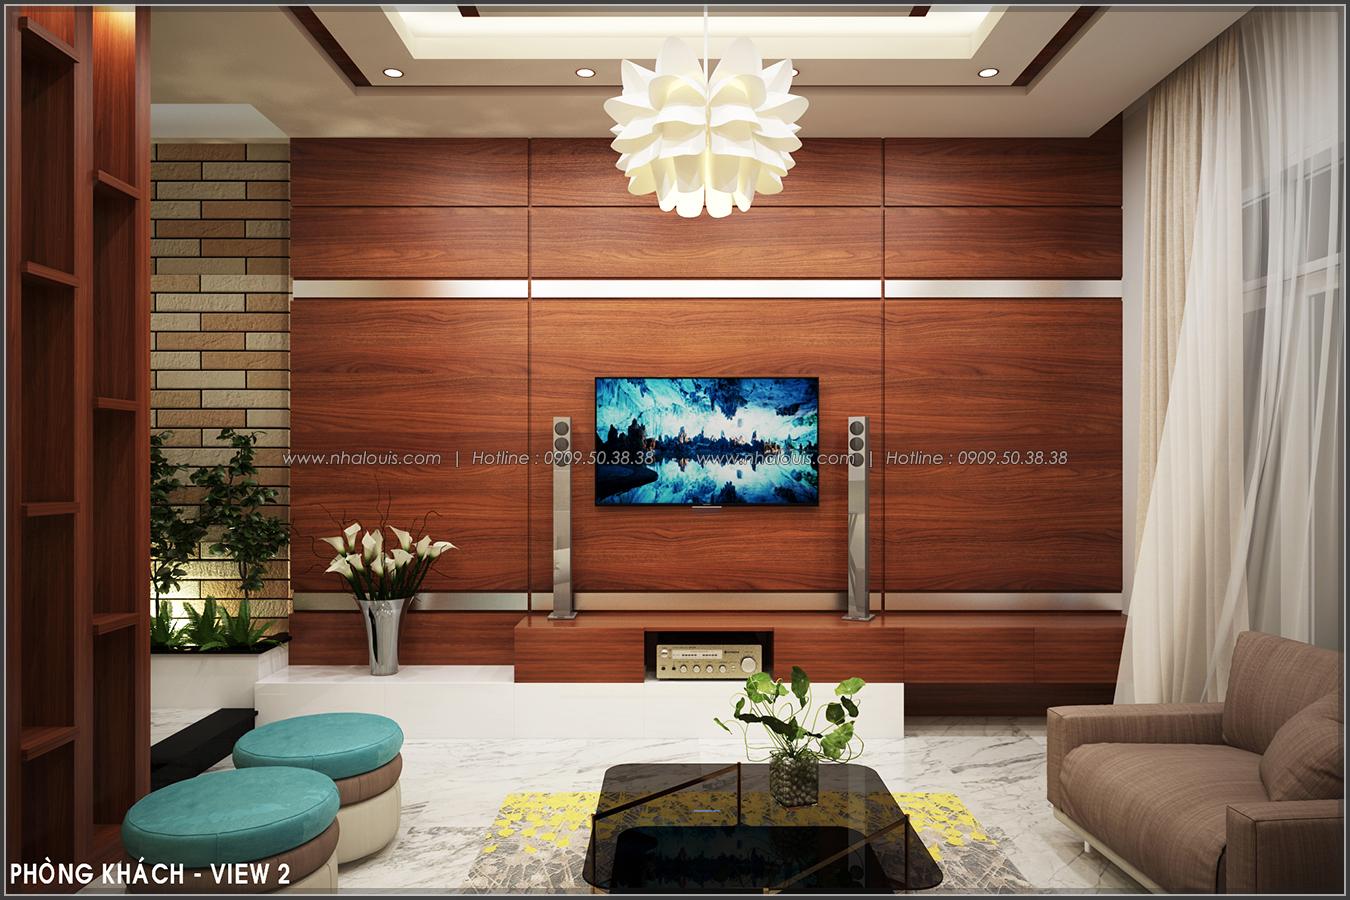 Thiết kế nhà phố nội thất tone gỗ ở quận Tân Bình đẹp sang trọng và ấm áp